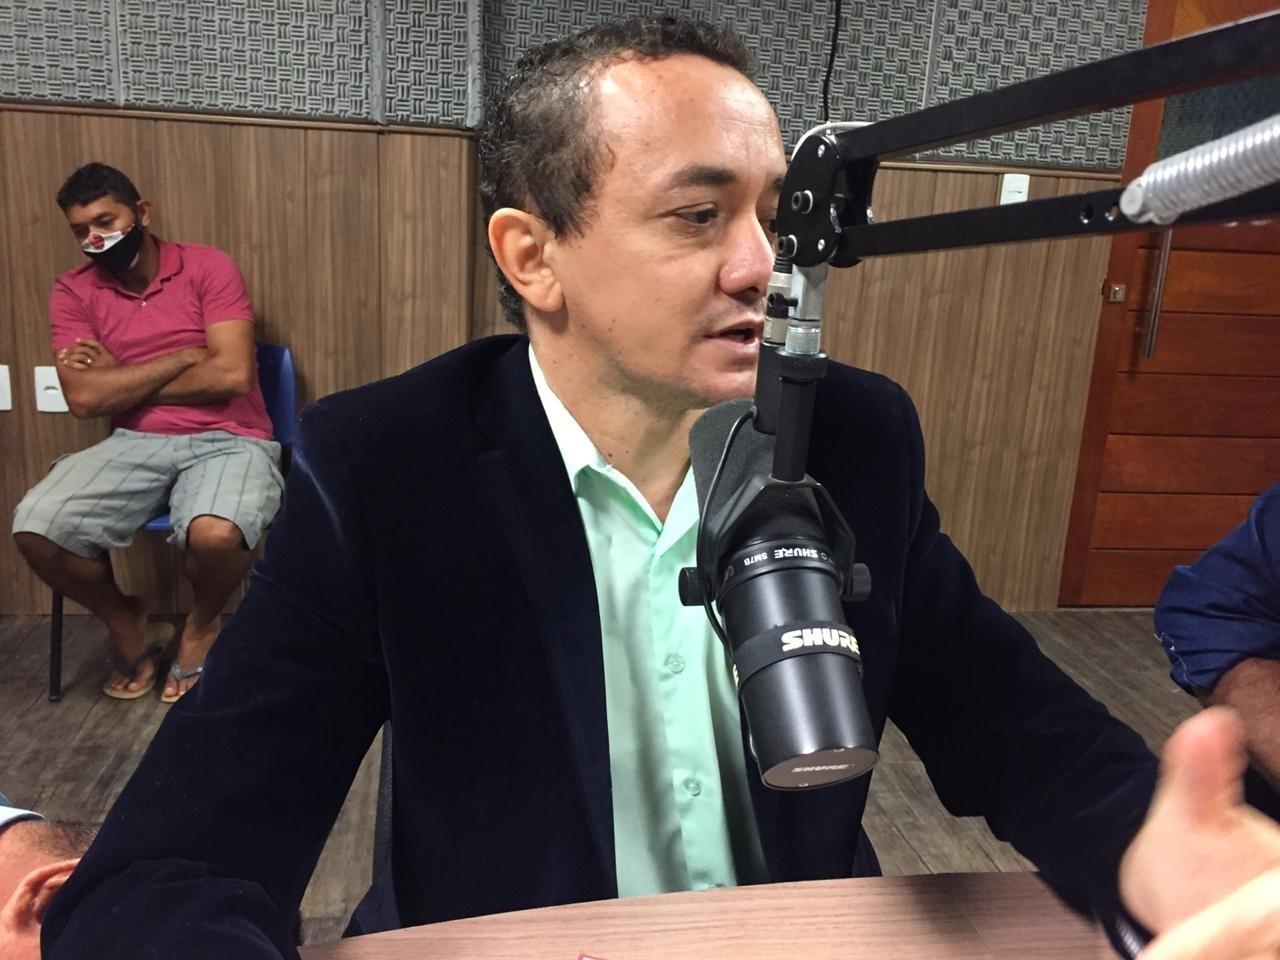 09062020 LEONARDO Easy Resize.com - EM SÃO DOMINGOS: Família da prefeita recebe mais R$ 60 mil por mês na folha da prefeitura, denuncia o pré-candidato a prefeito Leonardo de Dedé